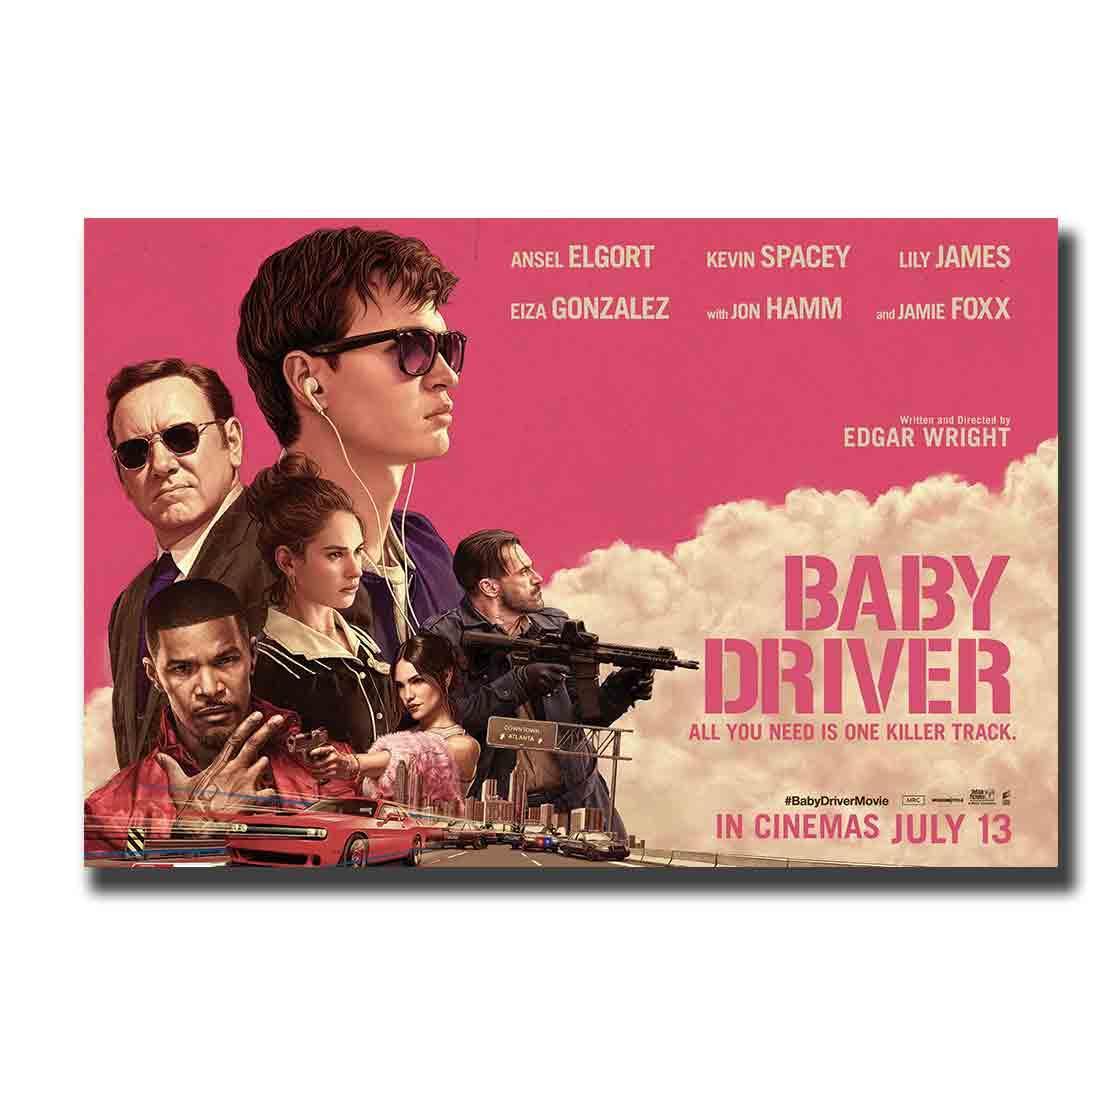 Película de driver de bebé 2017 película lily James Debora Hot Art Poster12x18 24x36 27x40 impresión costom pared lienzo moderno para pintura decoración